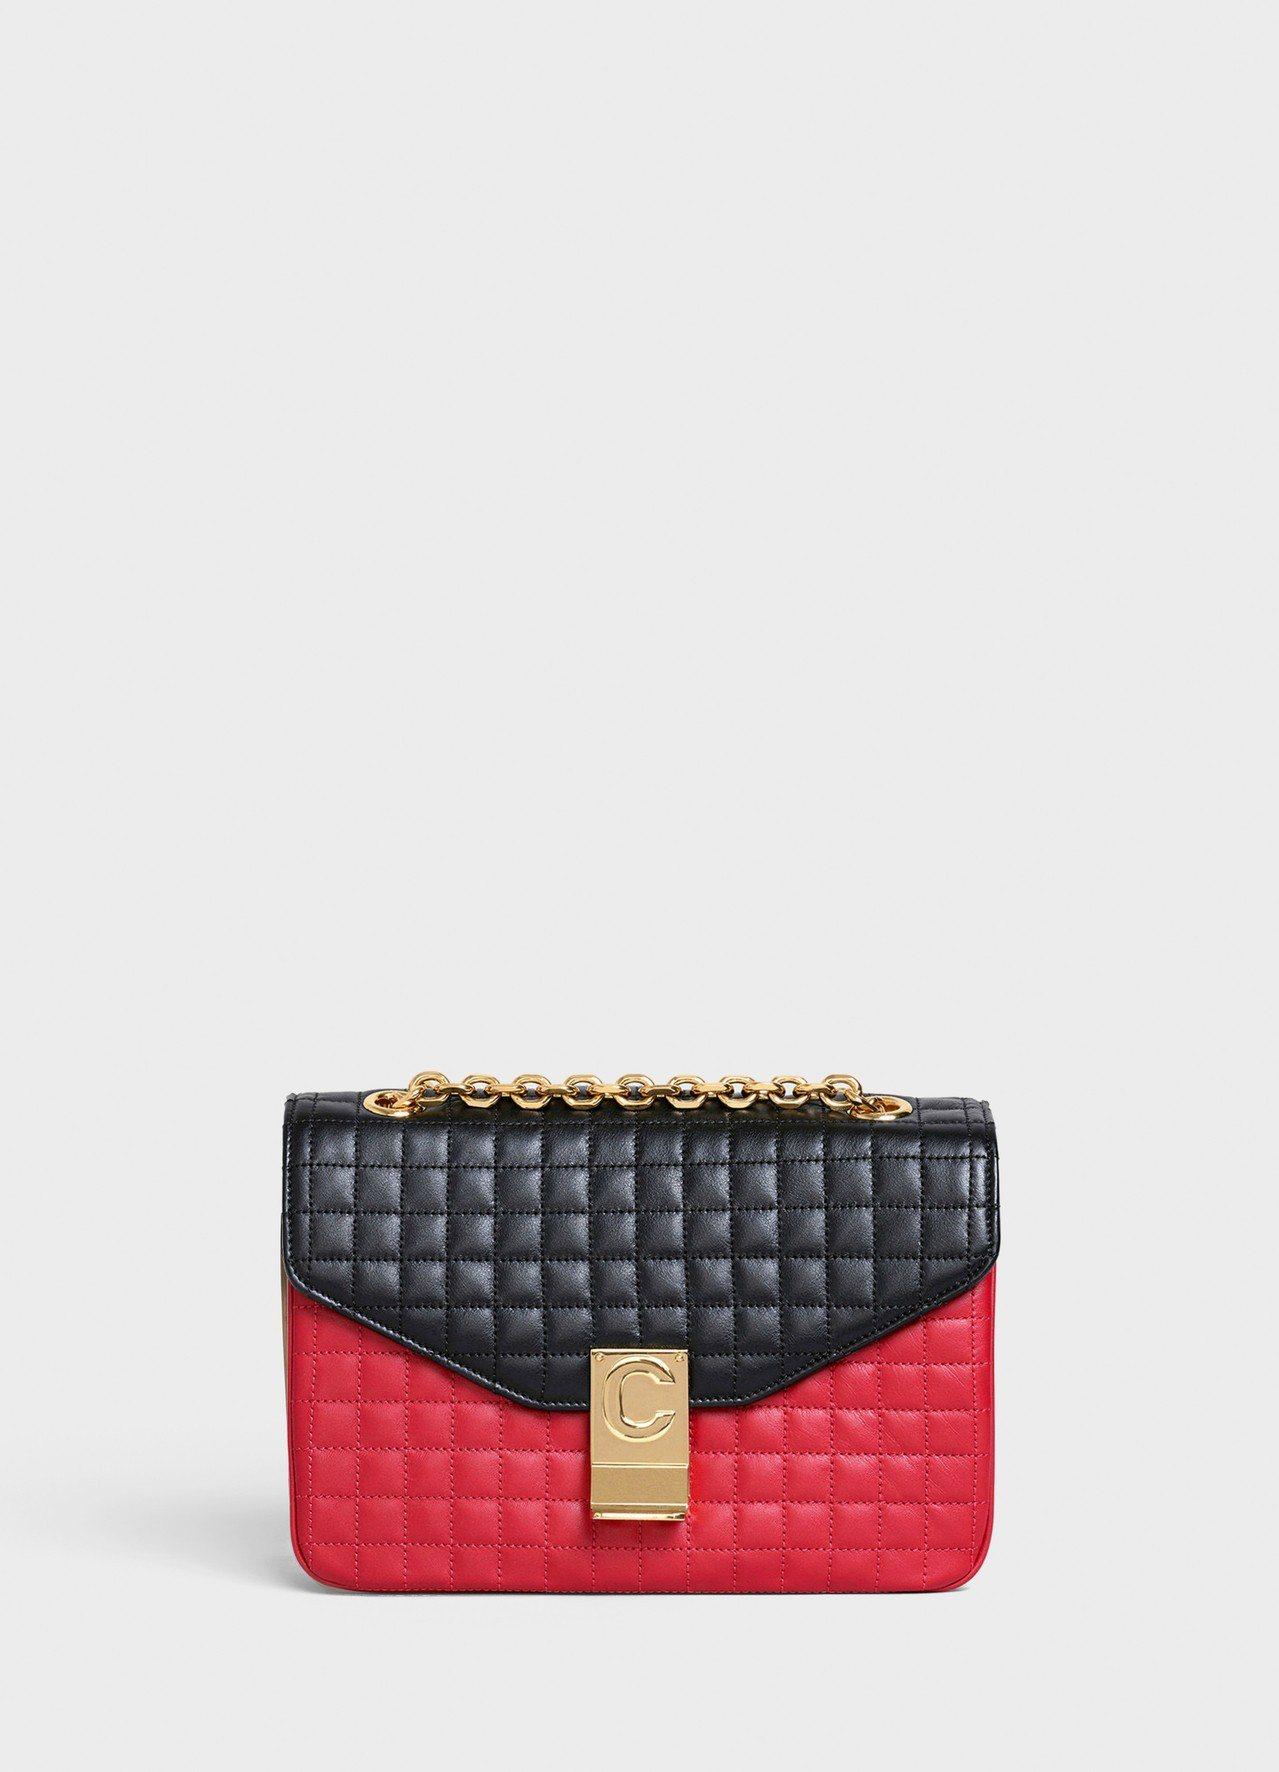 C Bag紅黑拼色格紋襯芯小牛皮中型鍊帶包,售價99,000元。圖/取自celi...